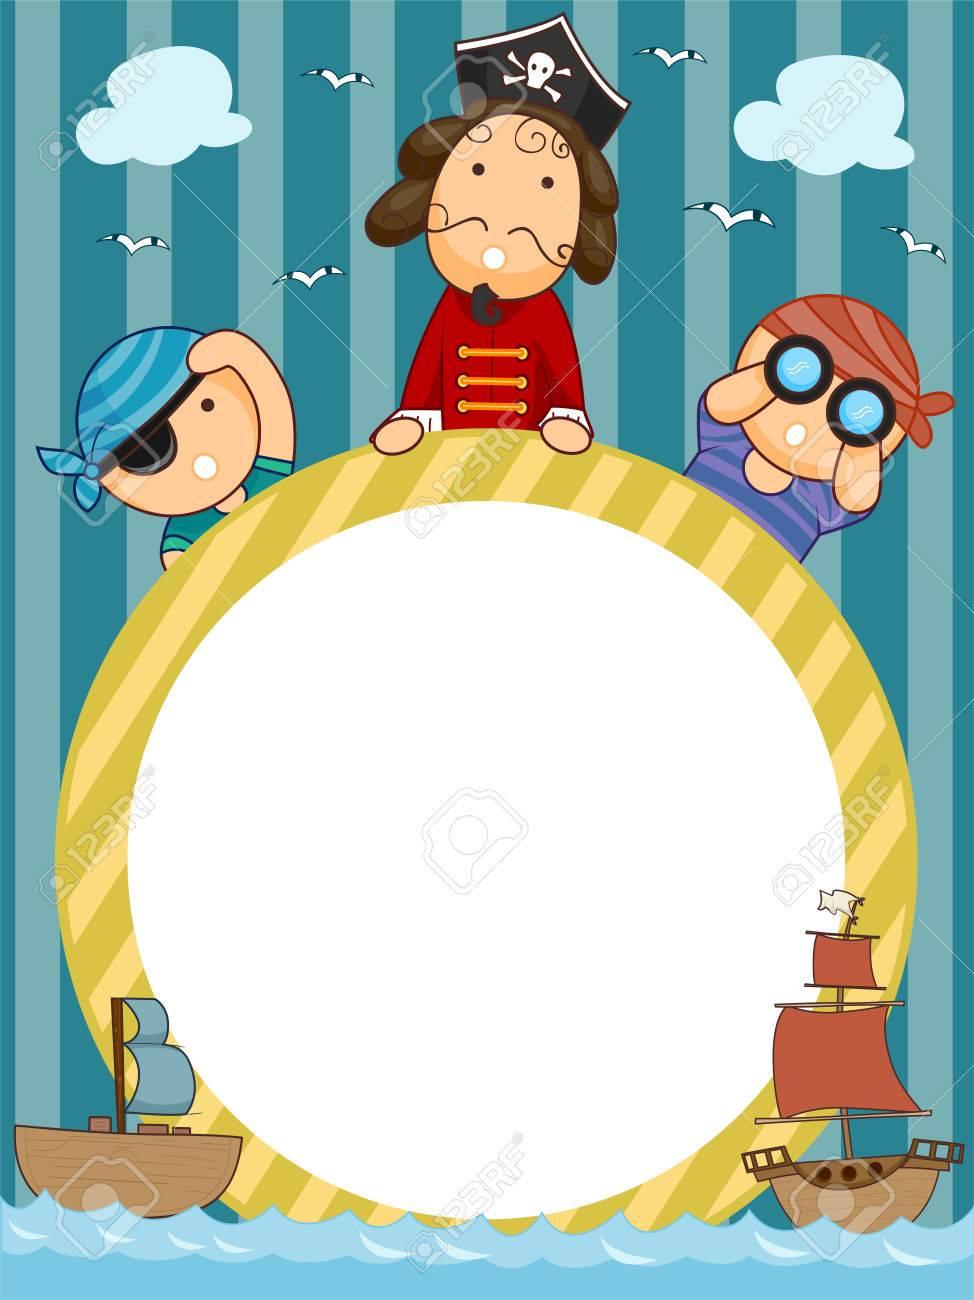 100 pirate ship cut out template princess pirate preschool theme